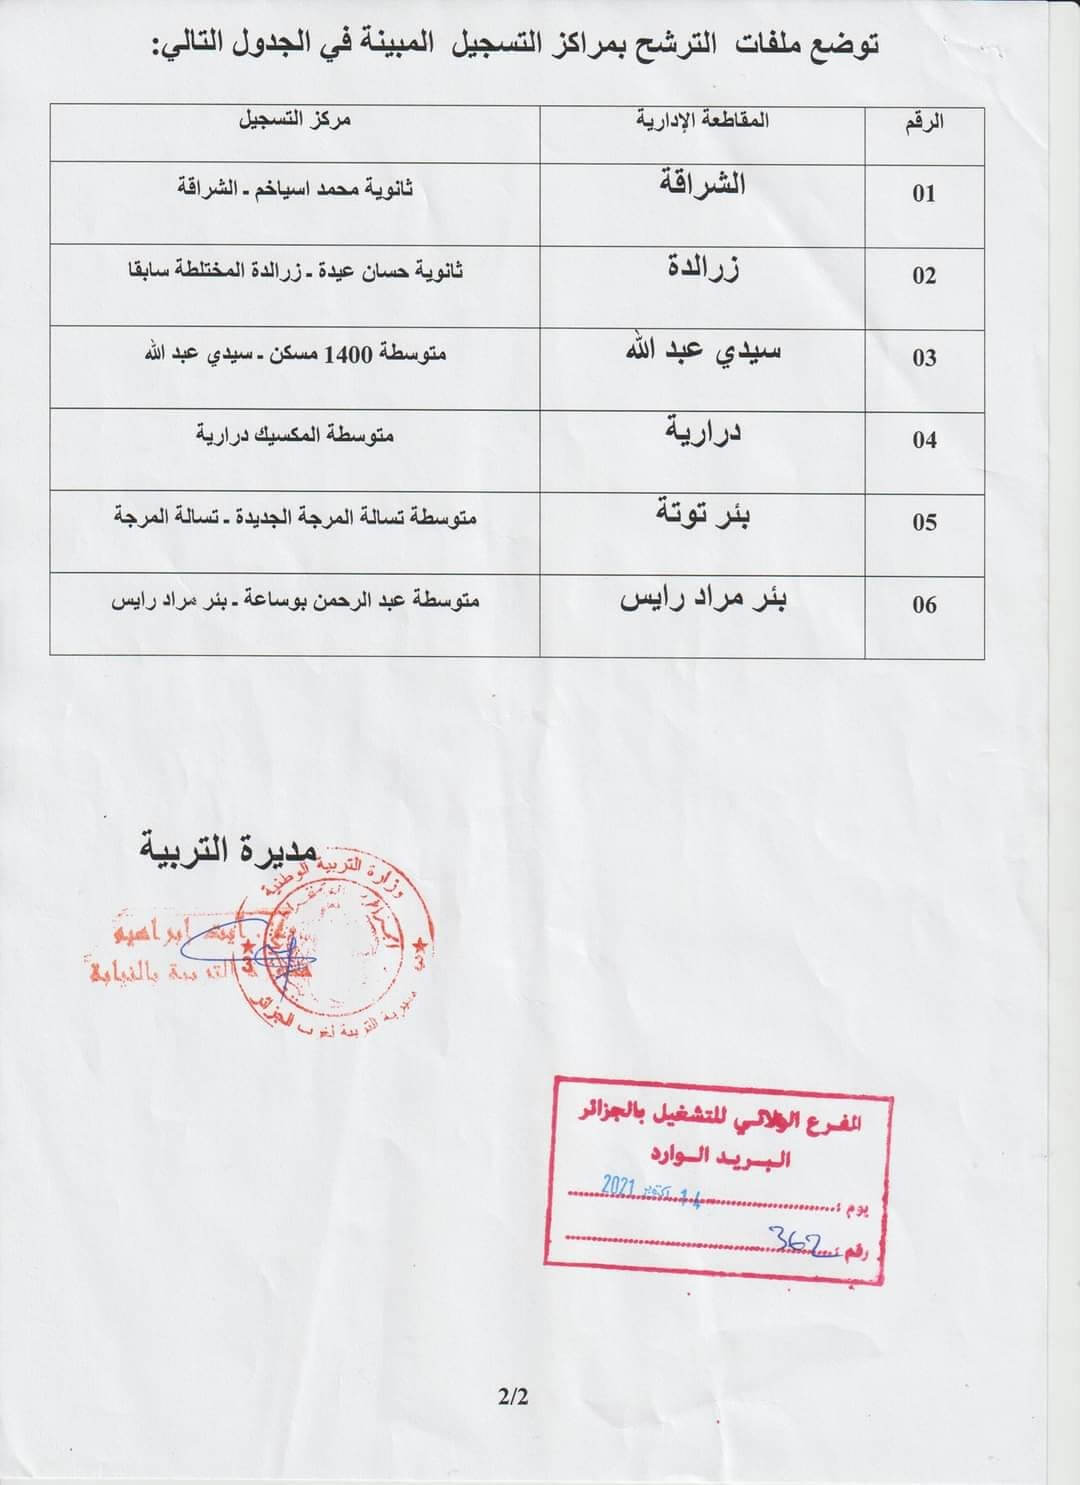 مديرية التربية الجزائر غرب